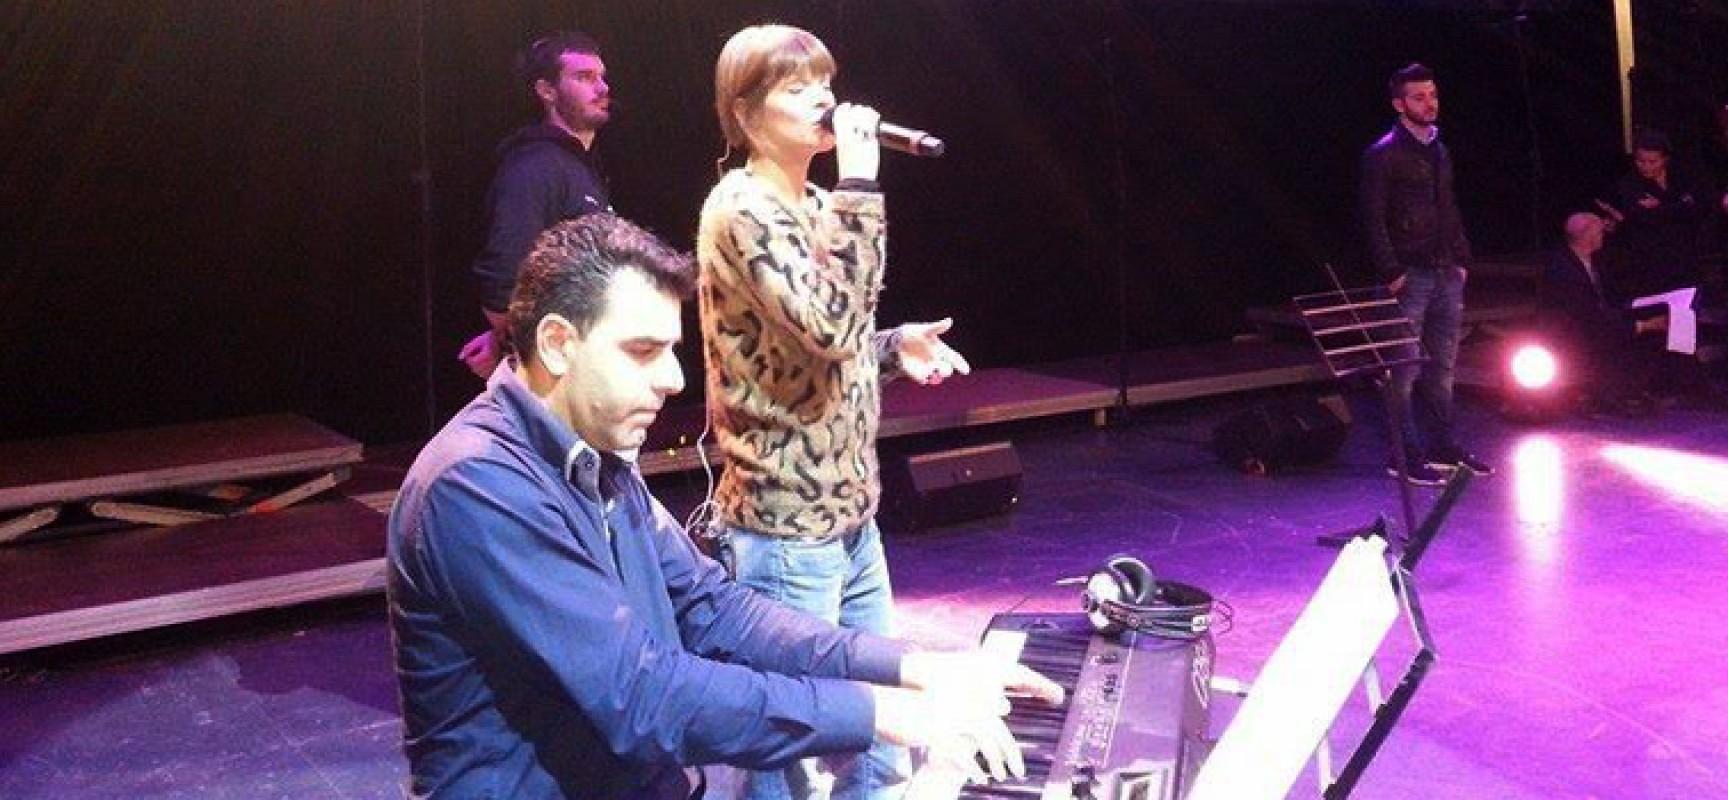 Il biscegliese Arcieri ha suonato per Alessandra Amoroso al Jubilmusic: stasera in onda su Tv2000 alle 23